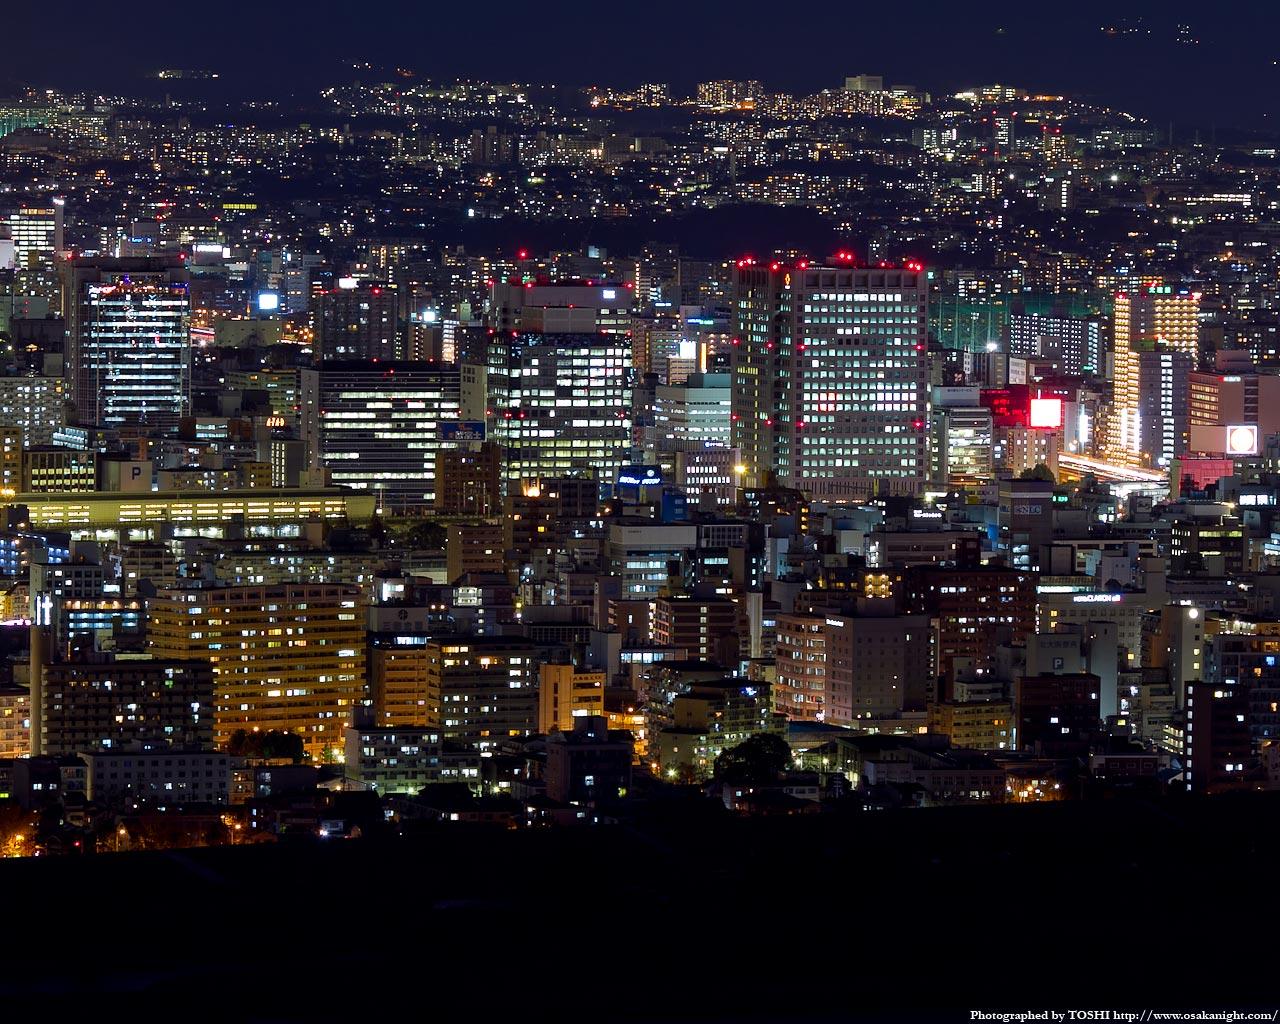 新大阪駅周辺の高層ビル群夜景